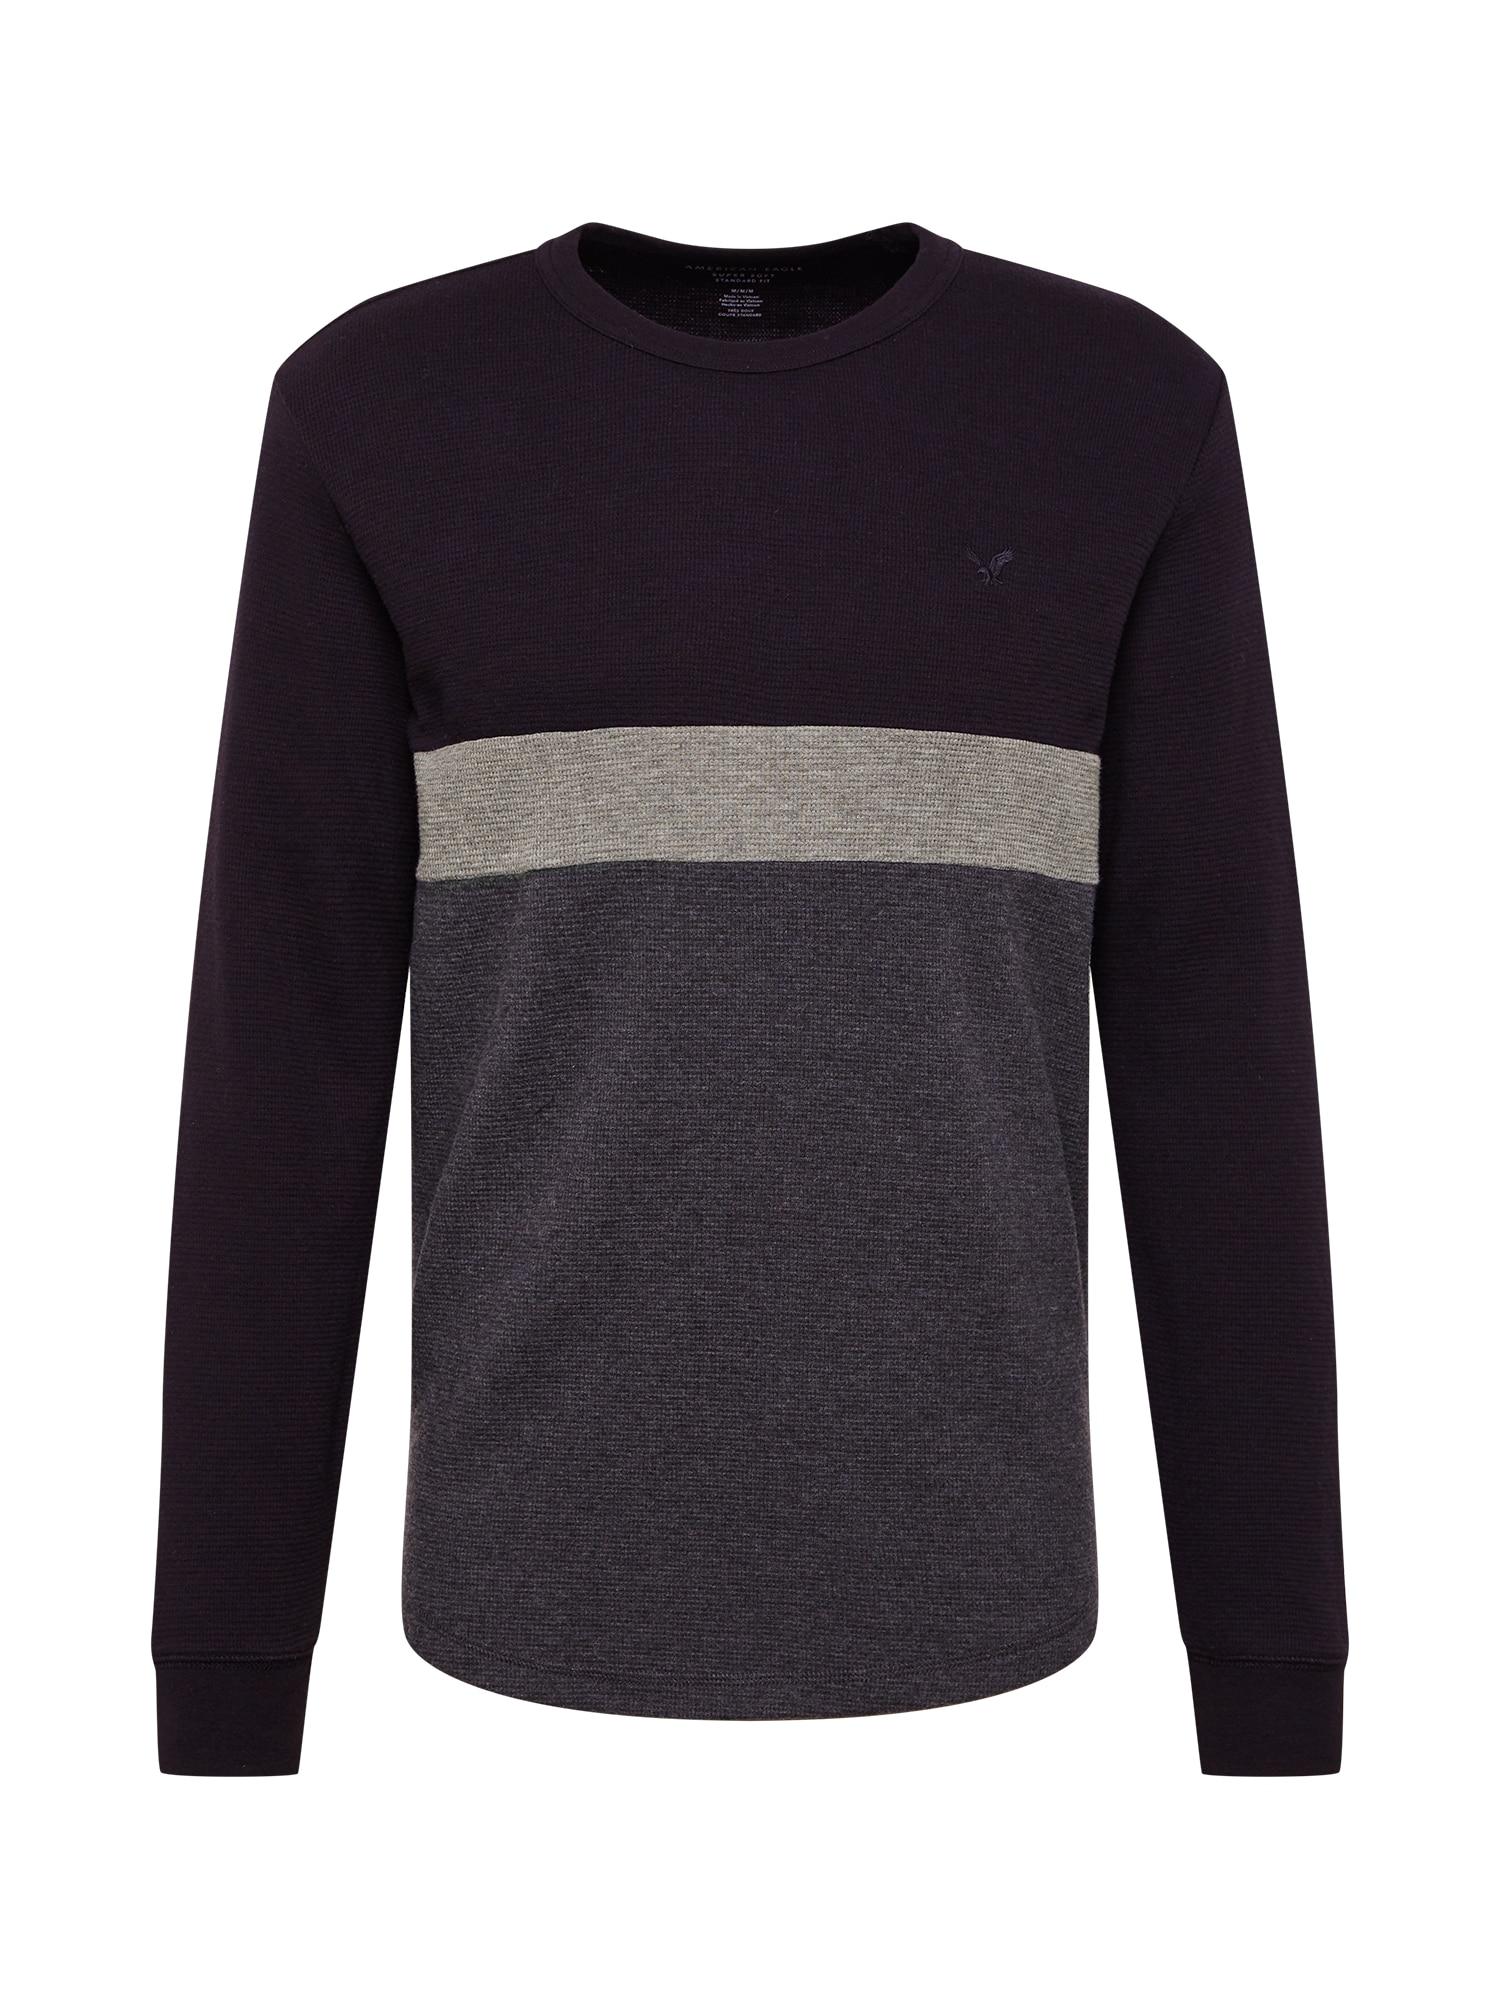 American Eagle Marškinėliai juoda / margai pilka / šviesiai pilka